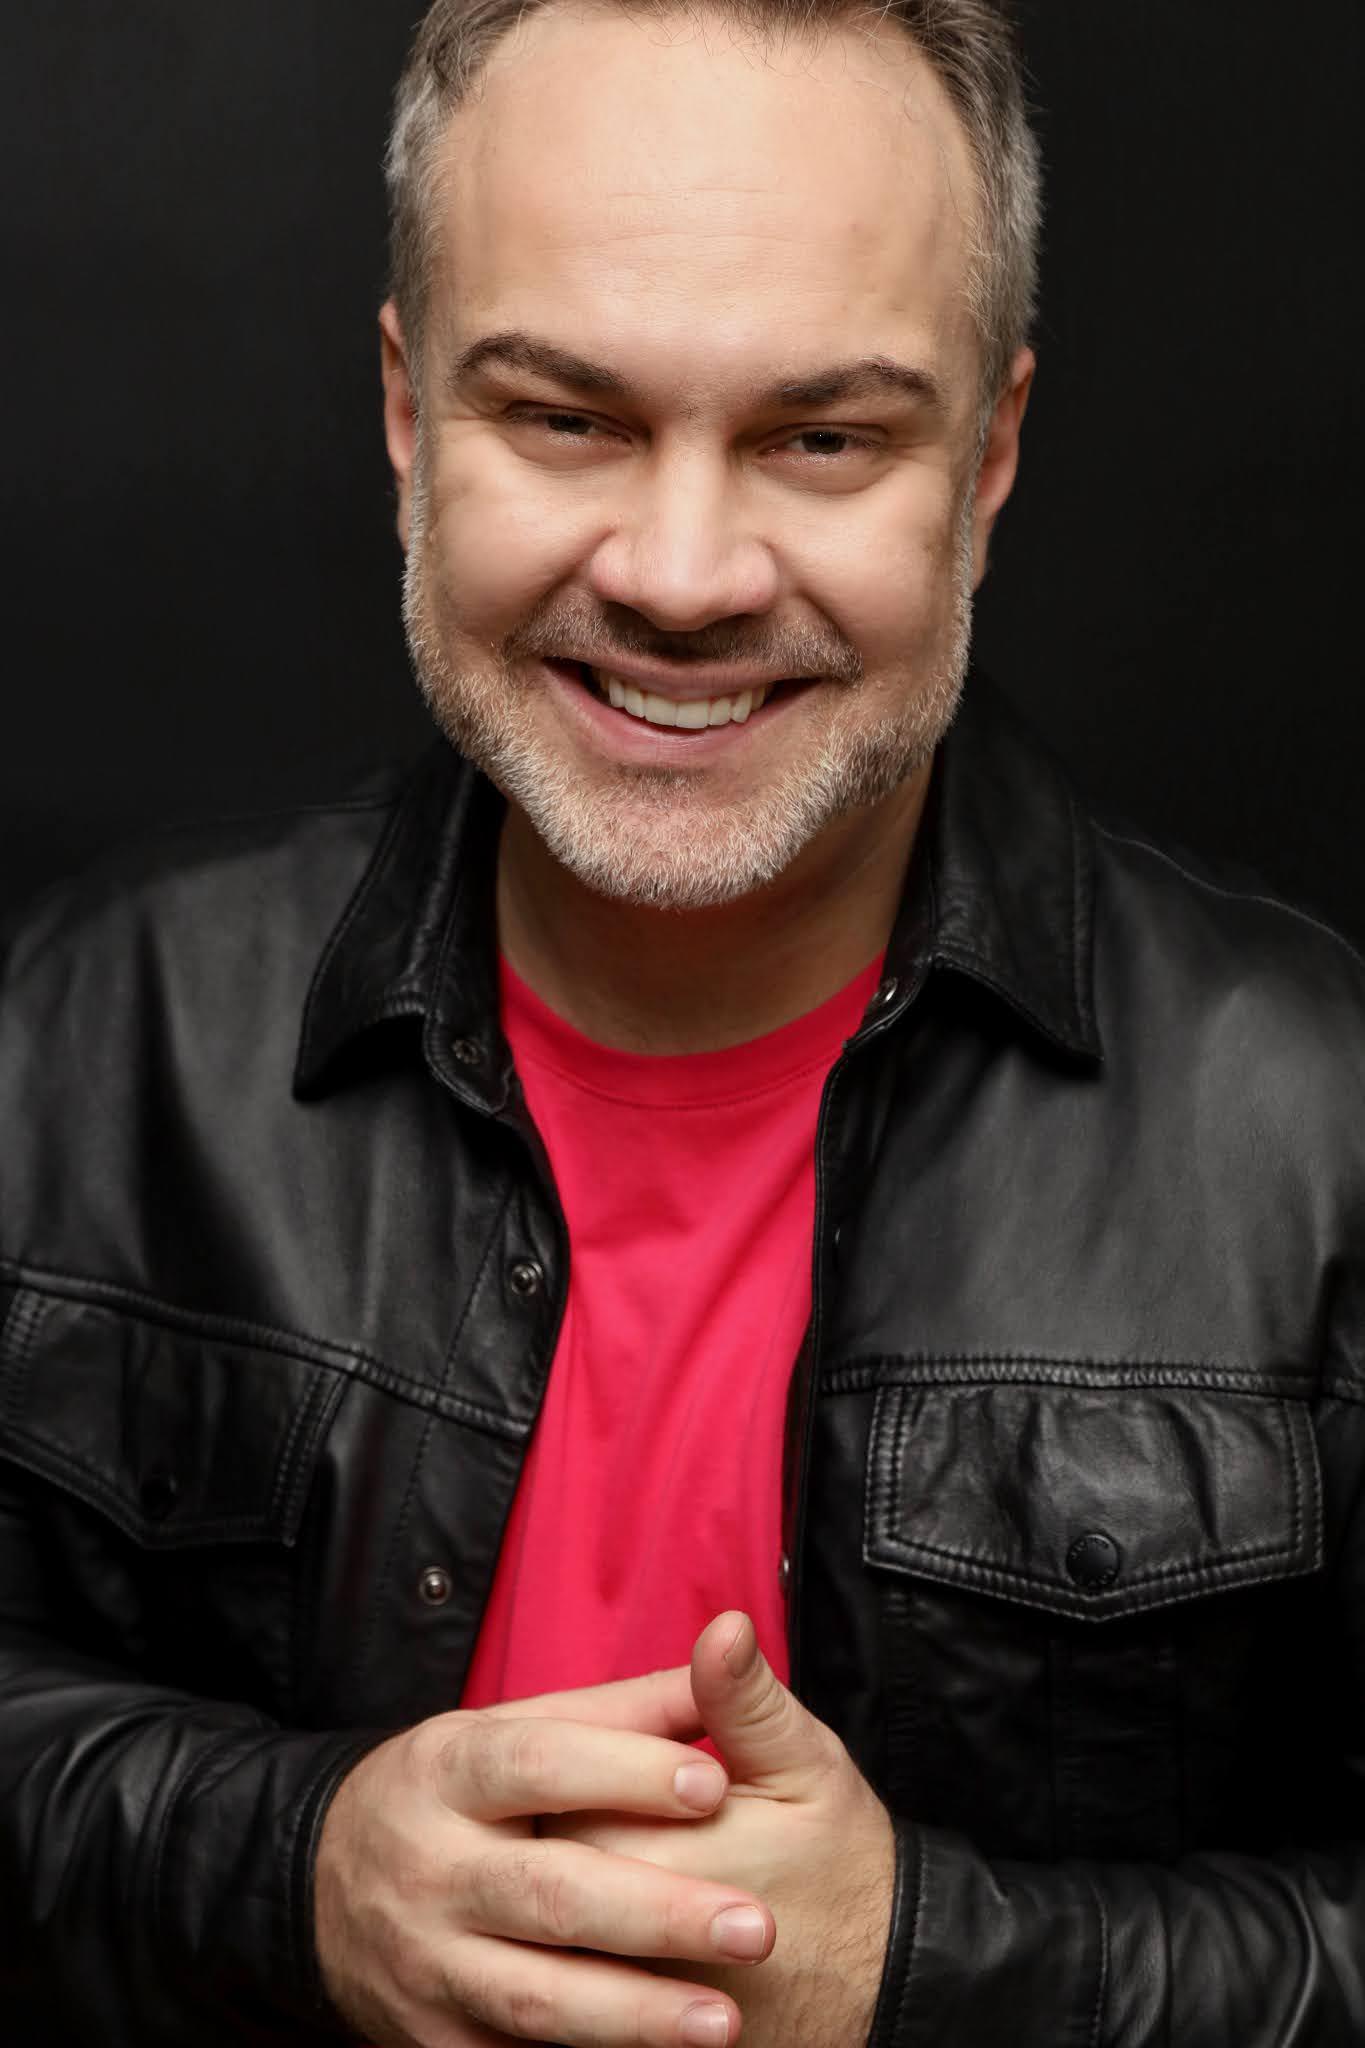 Jordan Campos